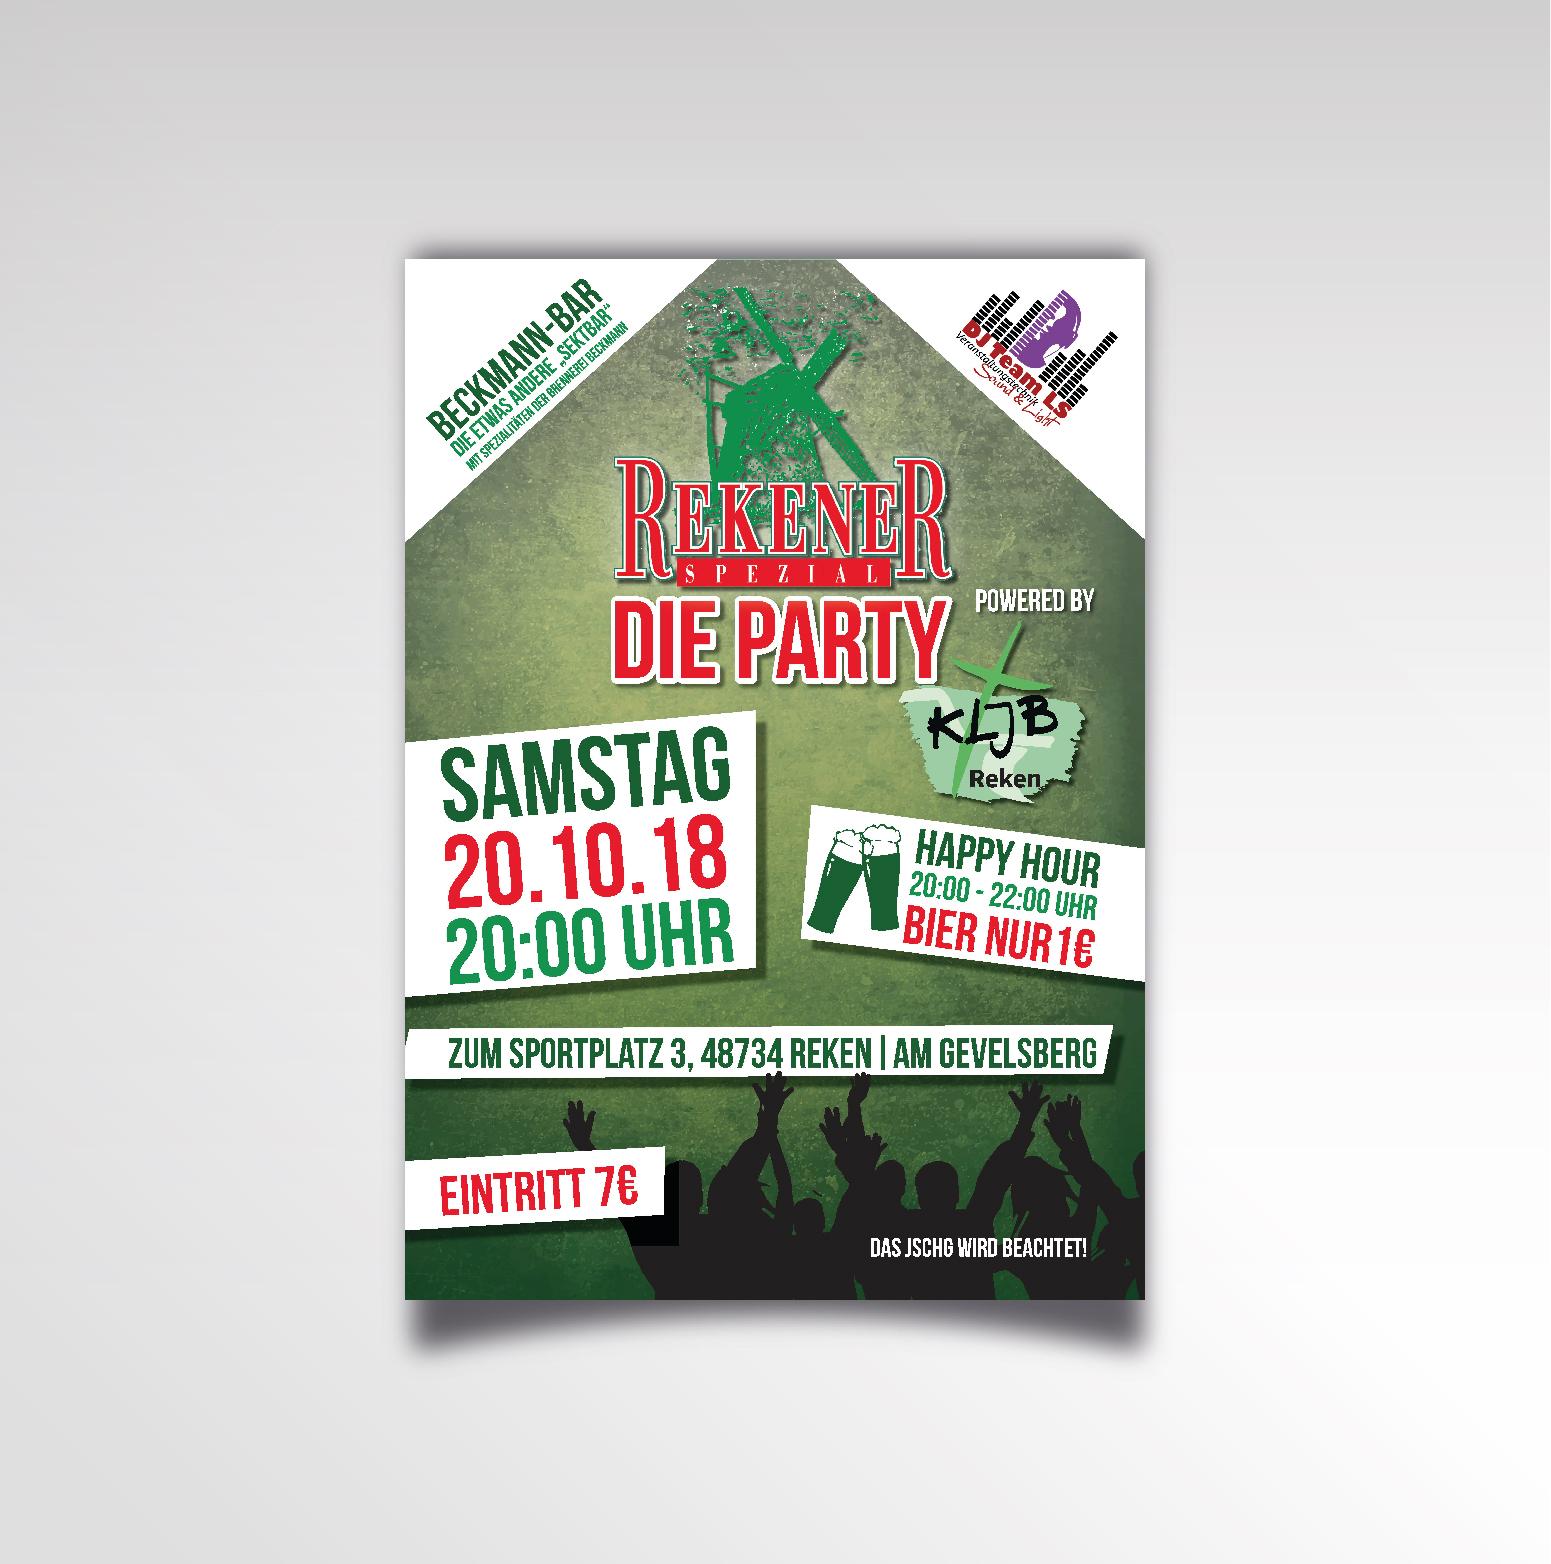 Rekner Spezial - Die Party Printprodukt Poster KLJB Reken Plakat